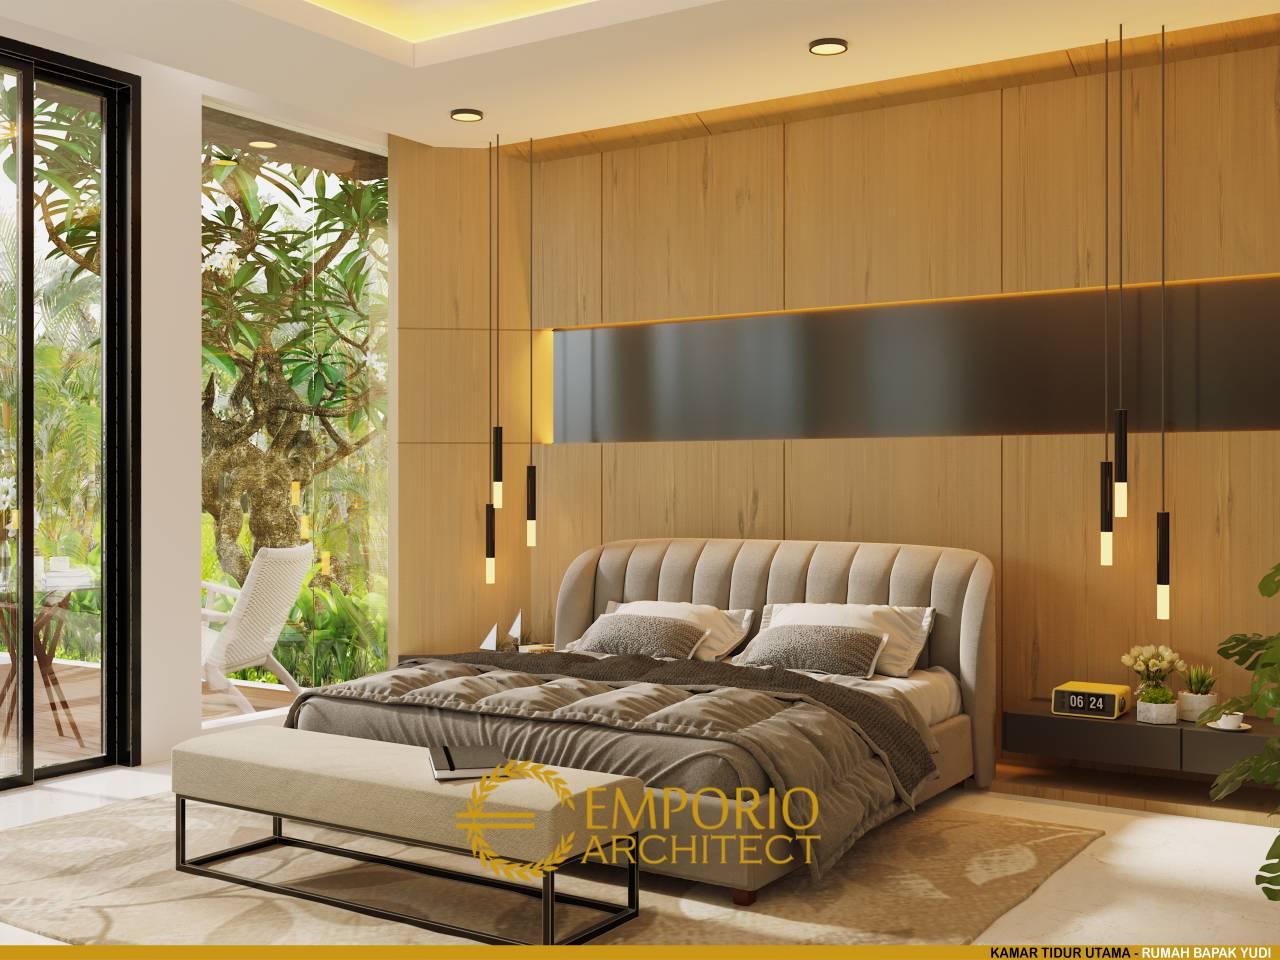 Top 10 Desain Interior Kamar Tidur Yang Sedang Hype Di ...